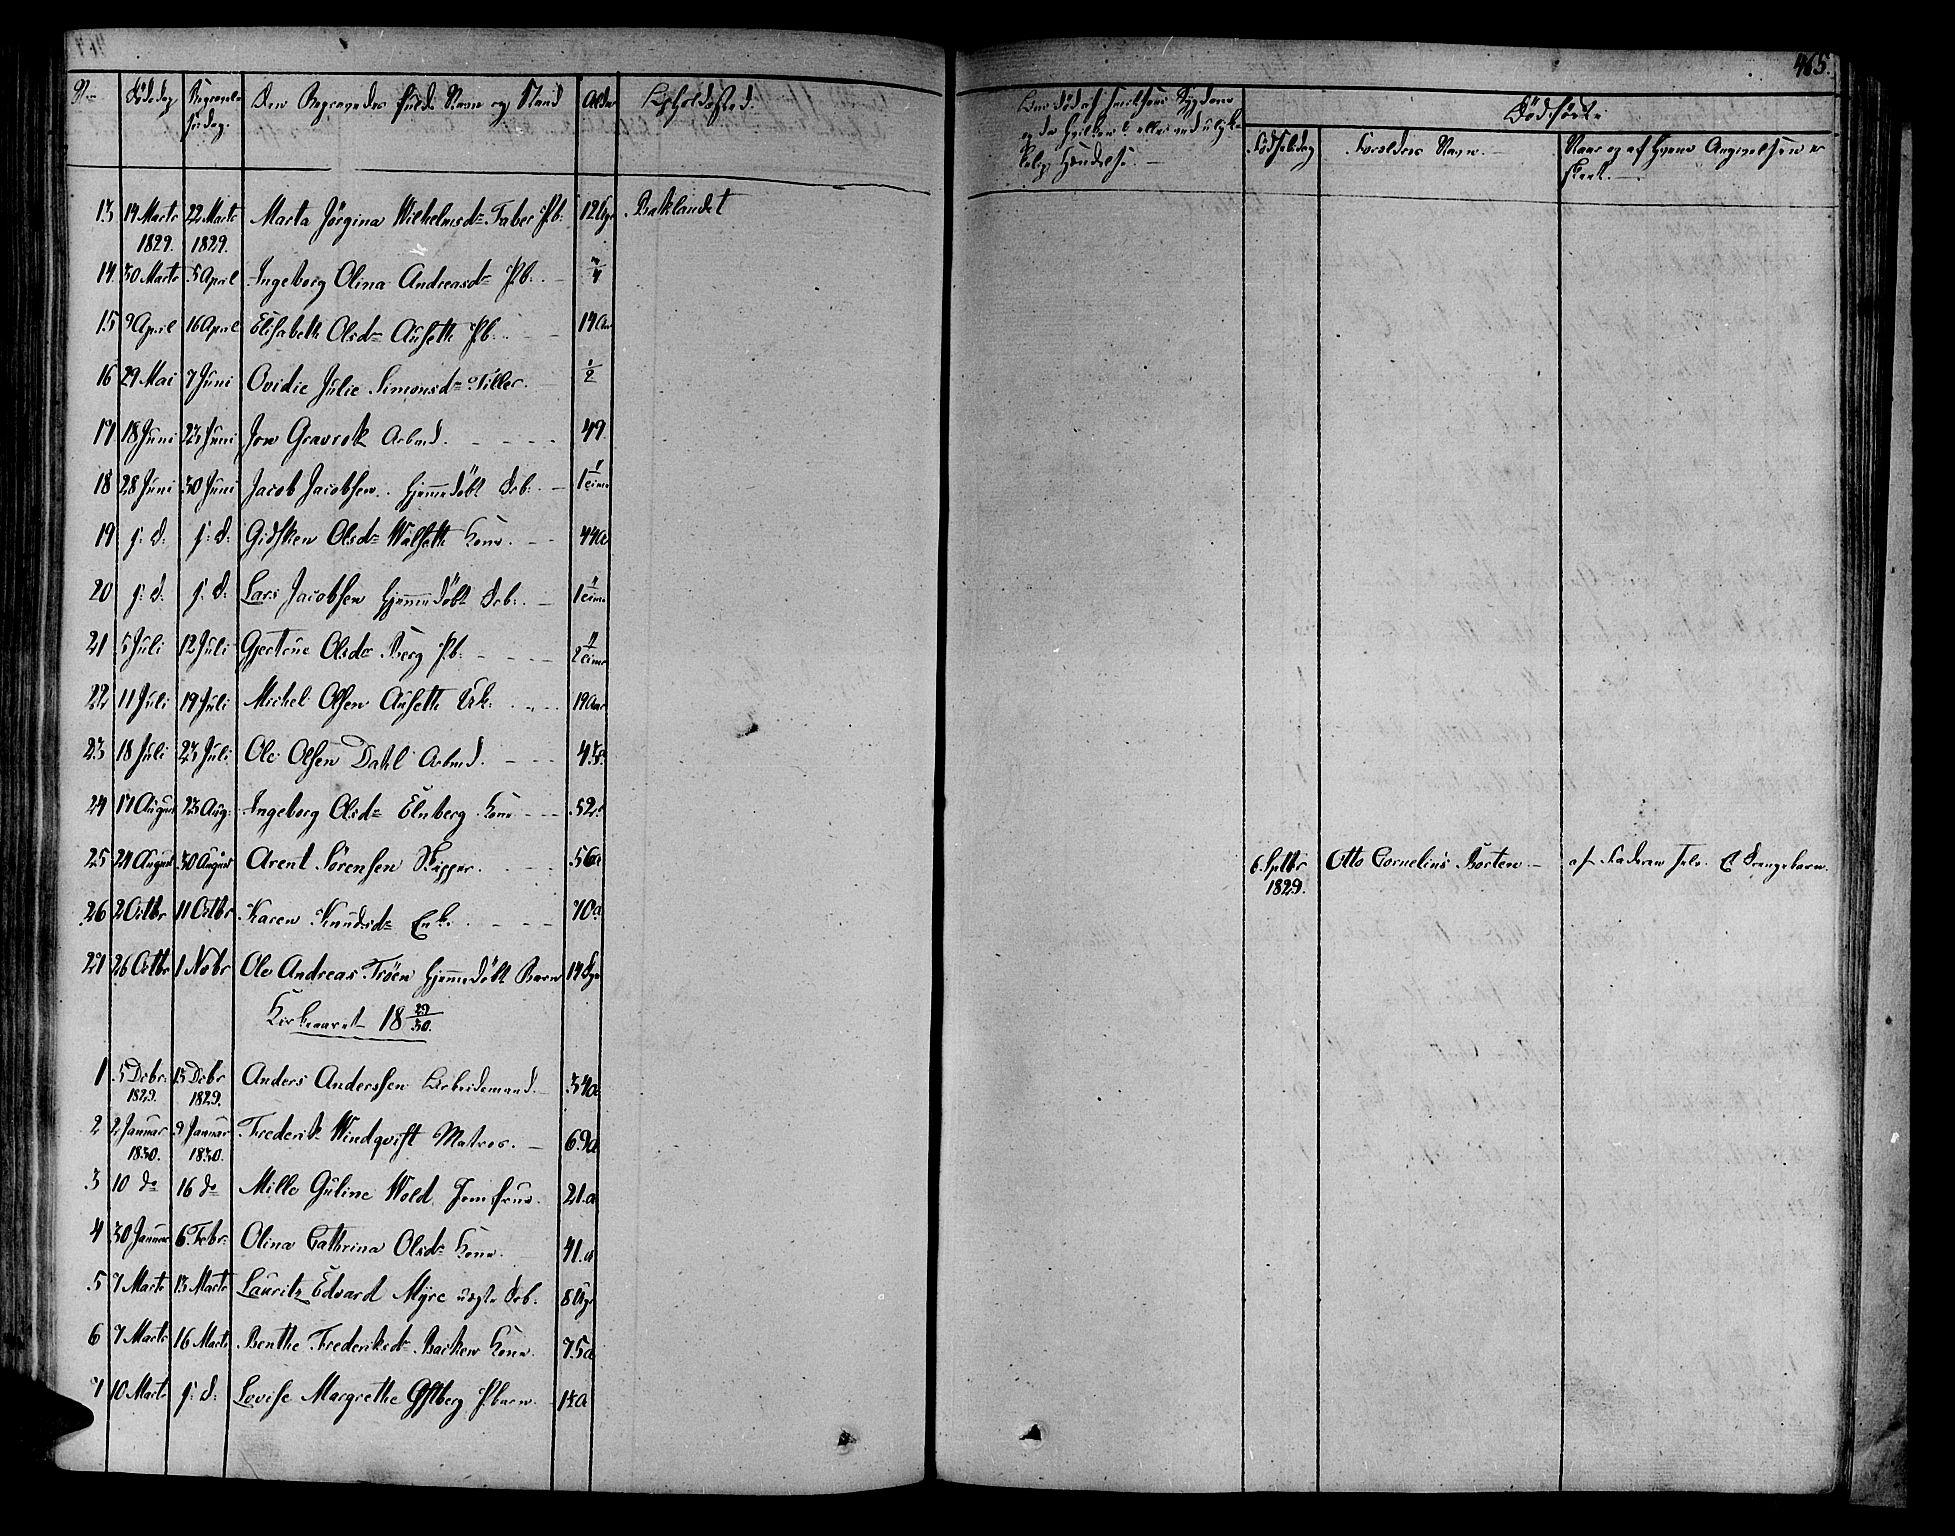 SAT, Ministerialprotokoller, klokkerbøker og fødselsregistre - Sør-Trøndelag, 606/L0287: Ministerialbok nr. 606A04 /2, 1826-1840, s. 465